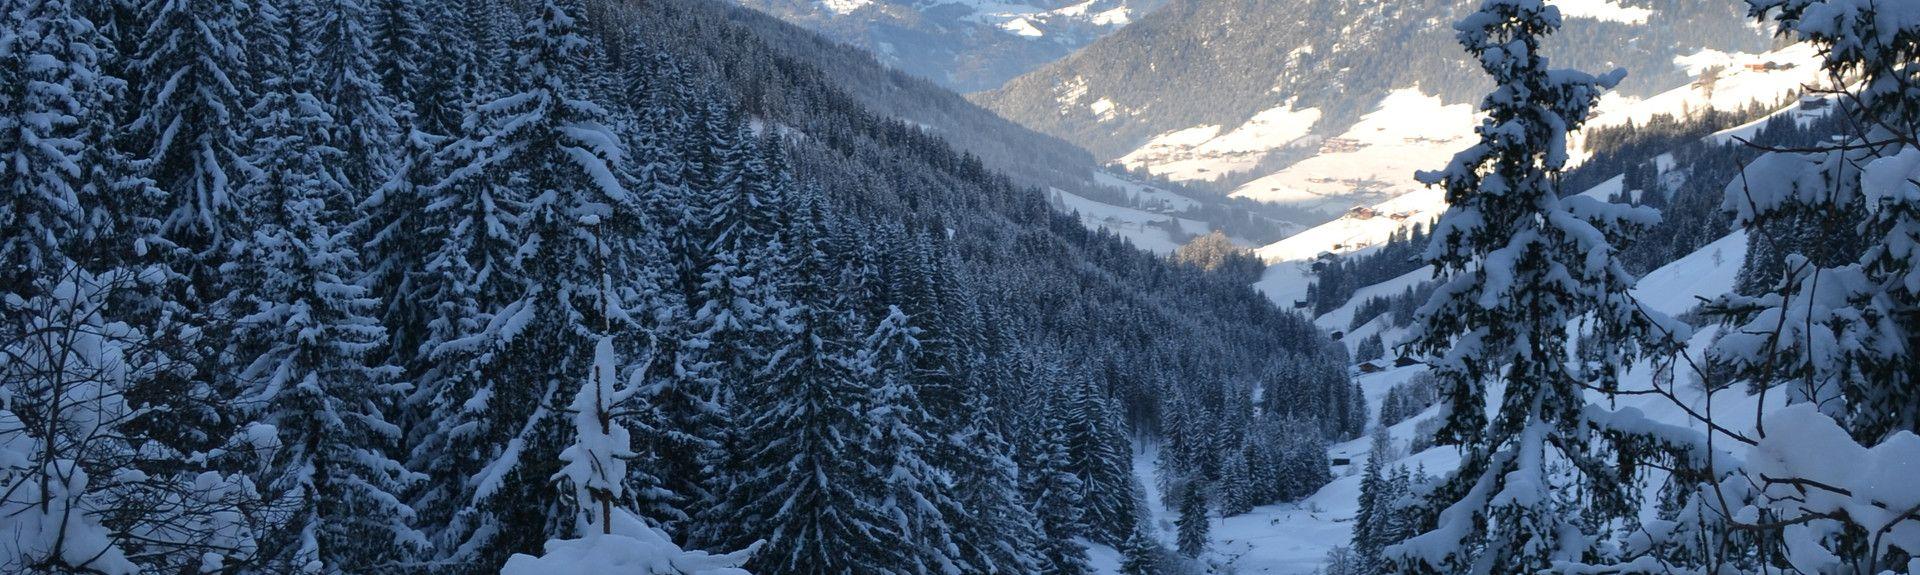 Kirchbichl, Austria